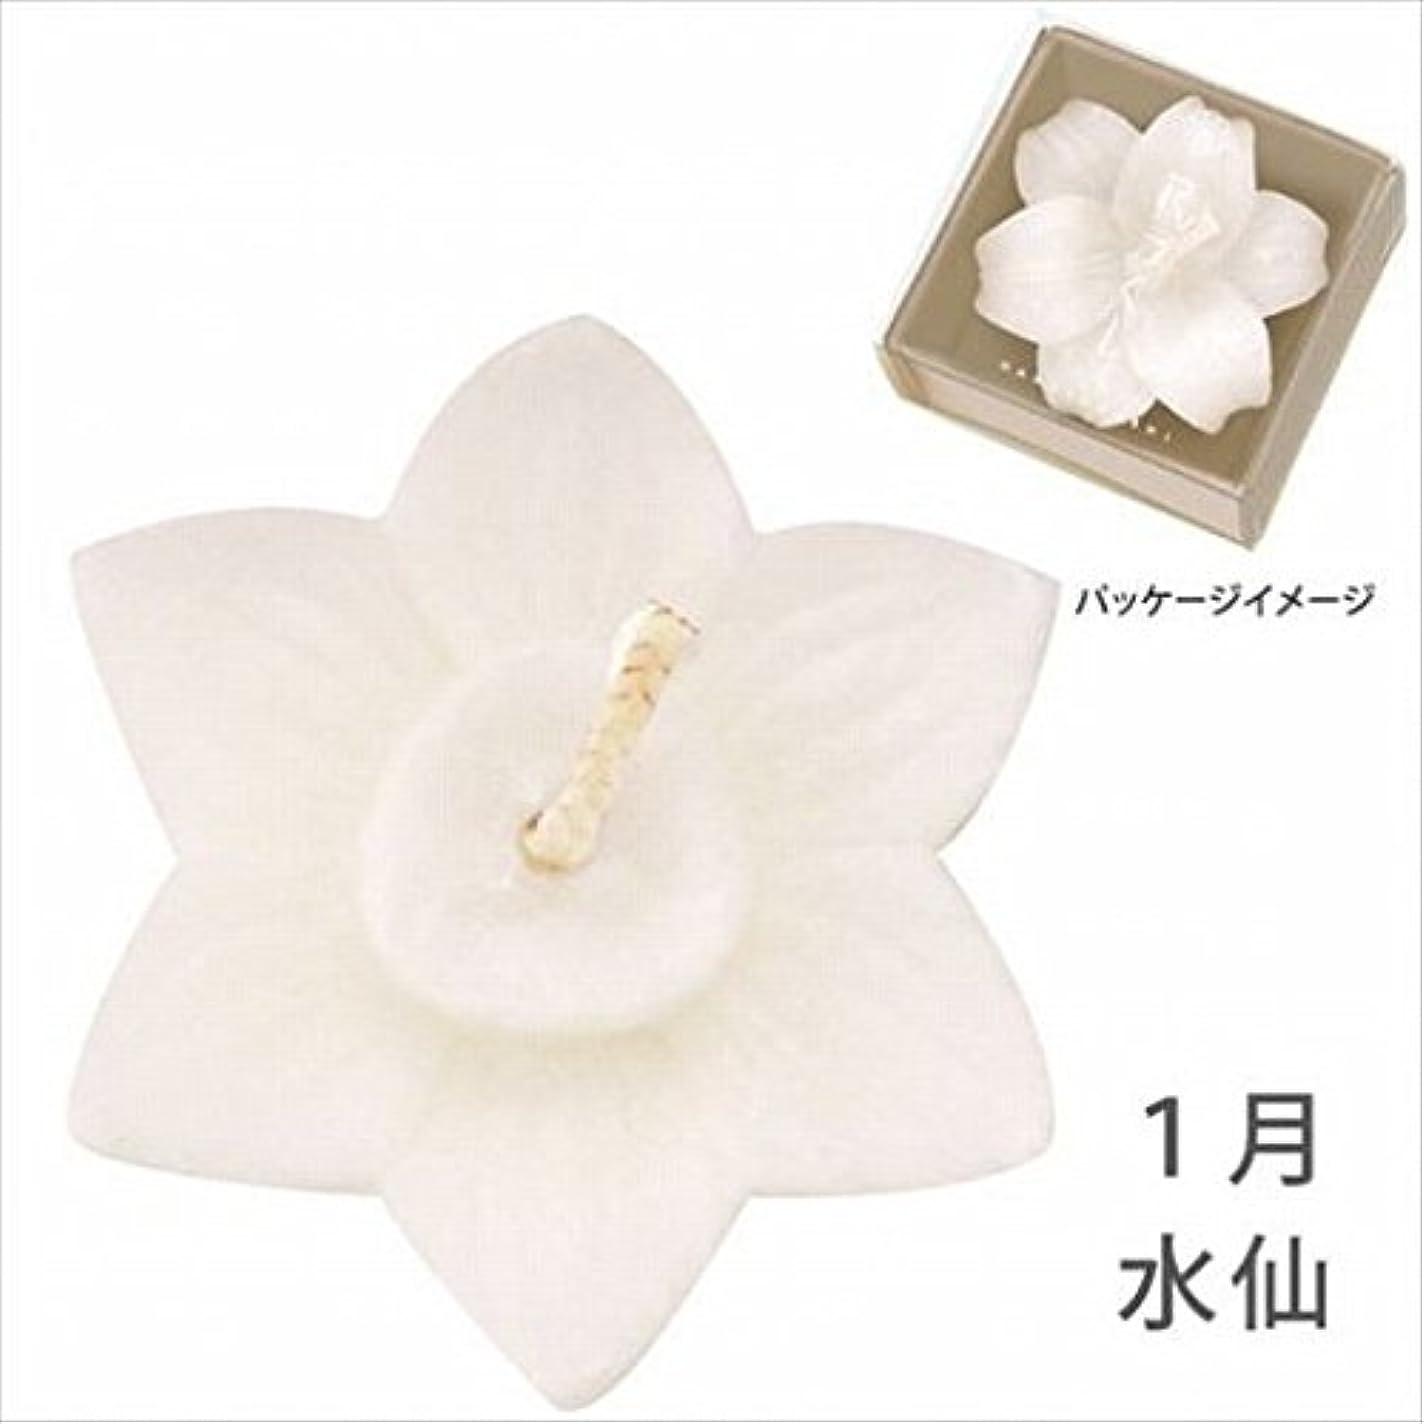 衝突責麻痺kameyama candle(カメヤマキャンドル) 花づくし(植物性) 水仙 「 水仙(1月) 」 キャンドル(A4620530)